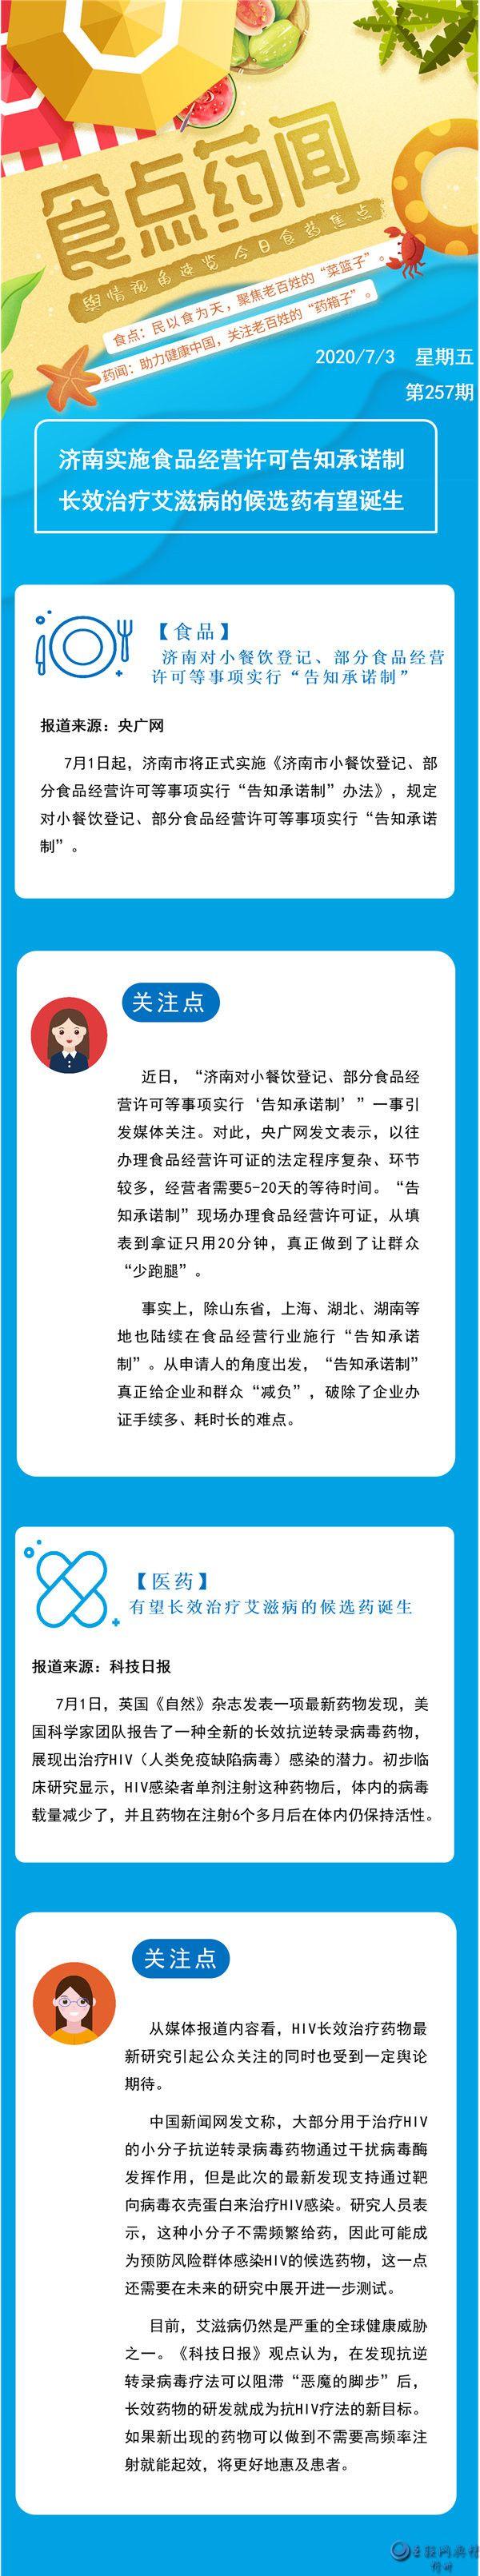 食点药闻:济南实施食品经营许可告知承诺制,艾滋病迎全新候选长效药